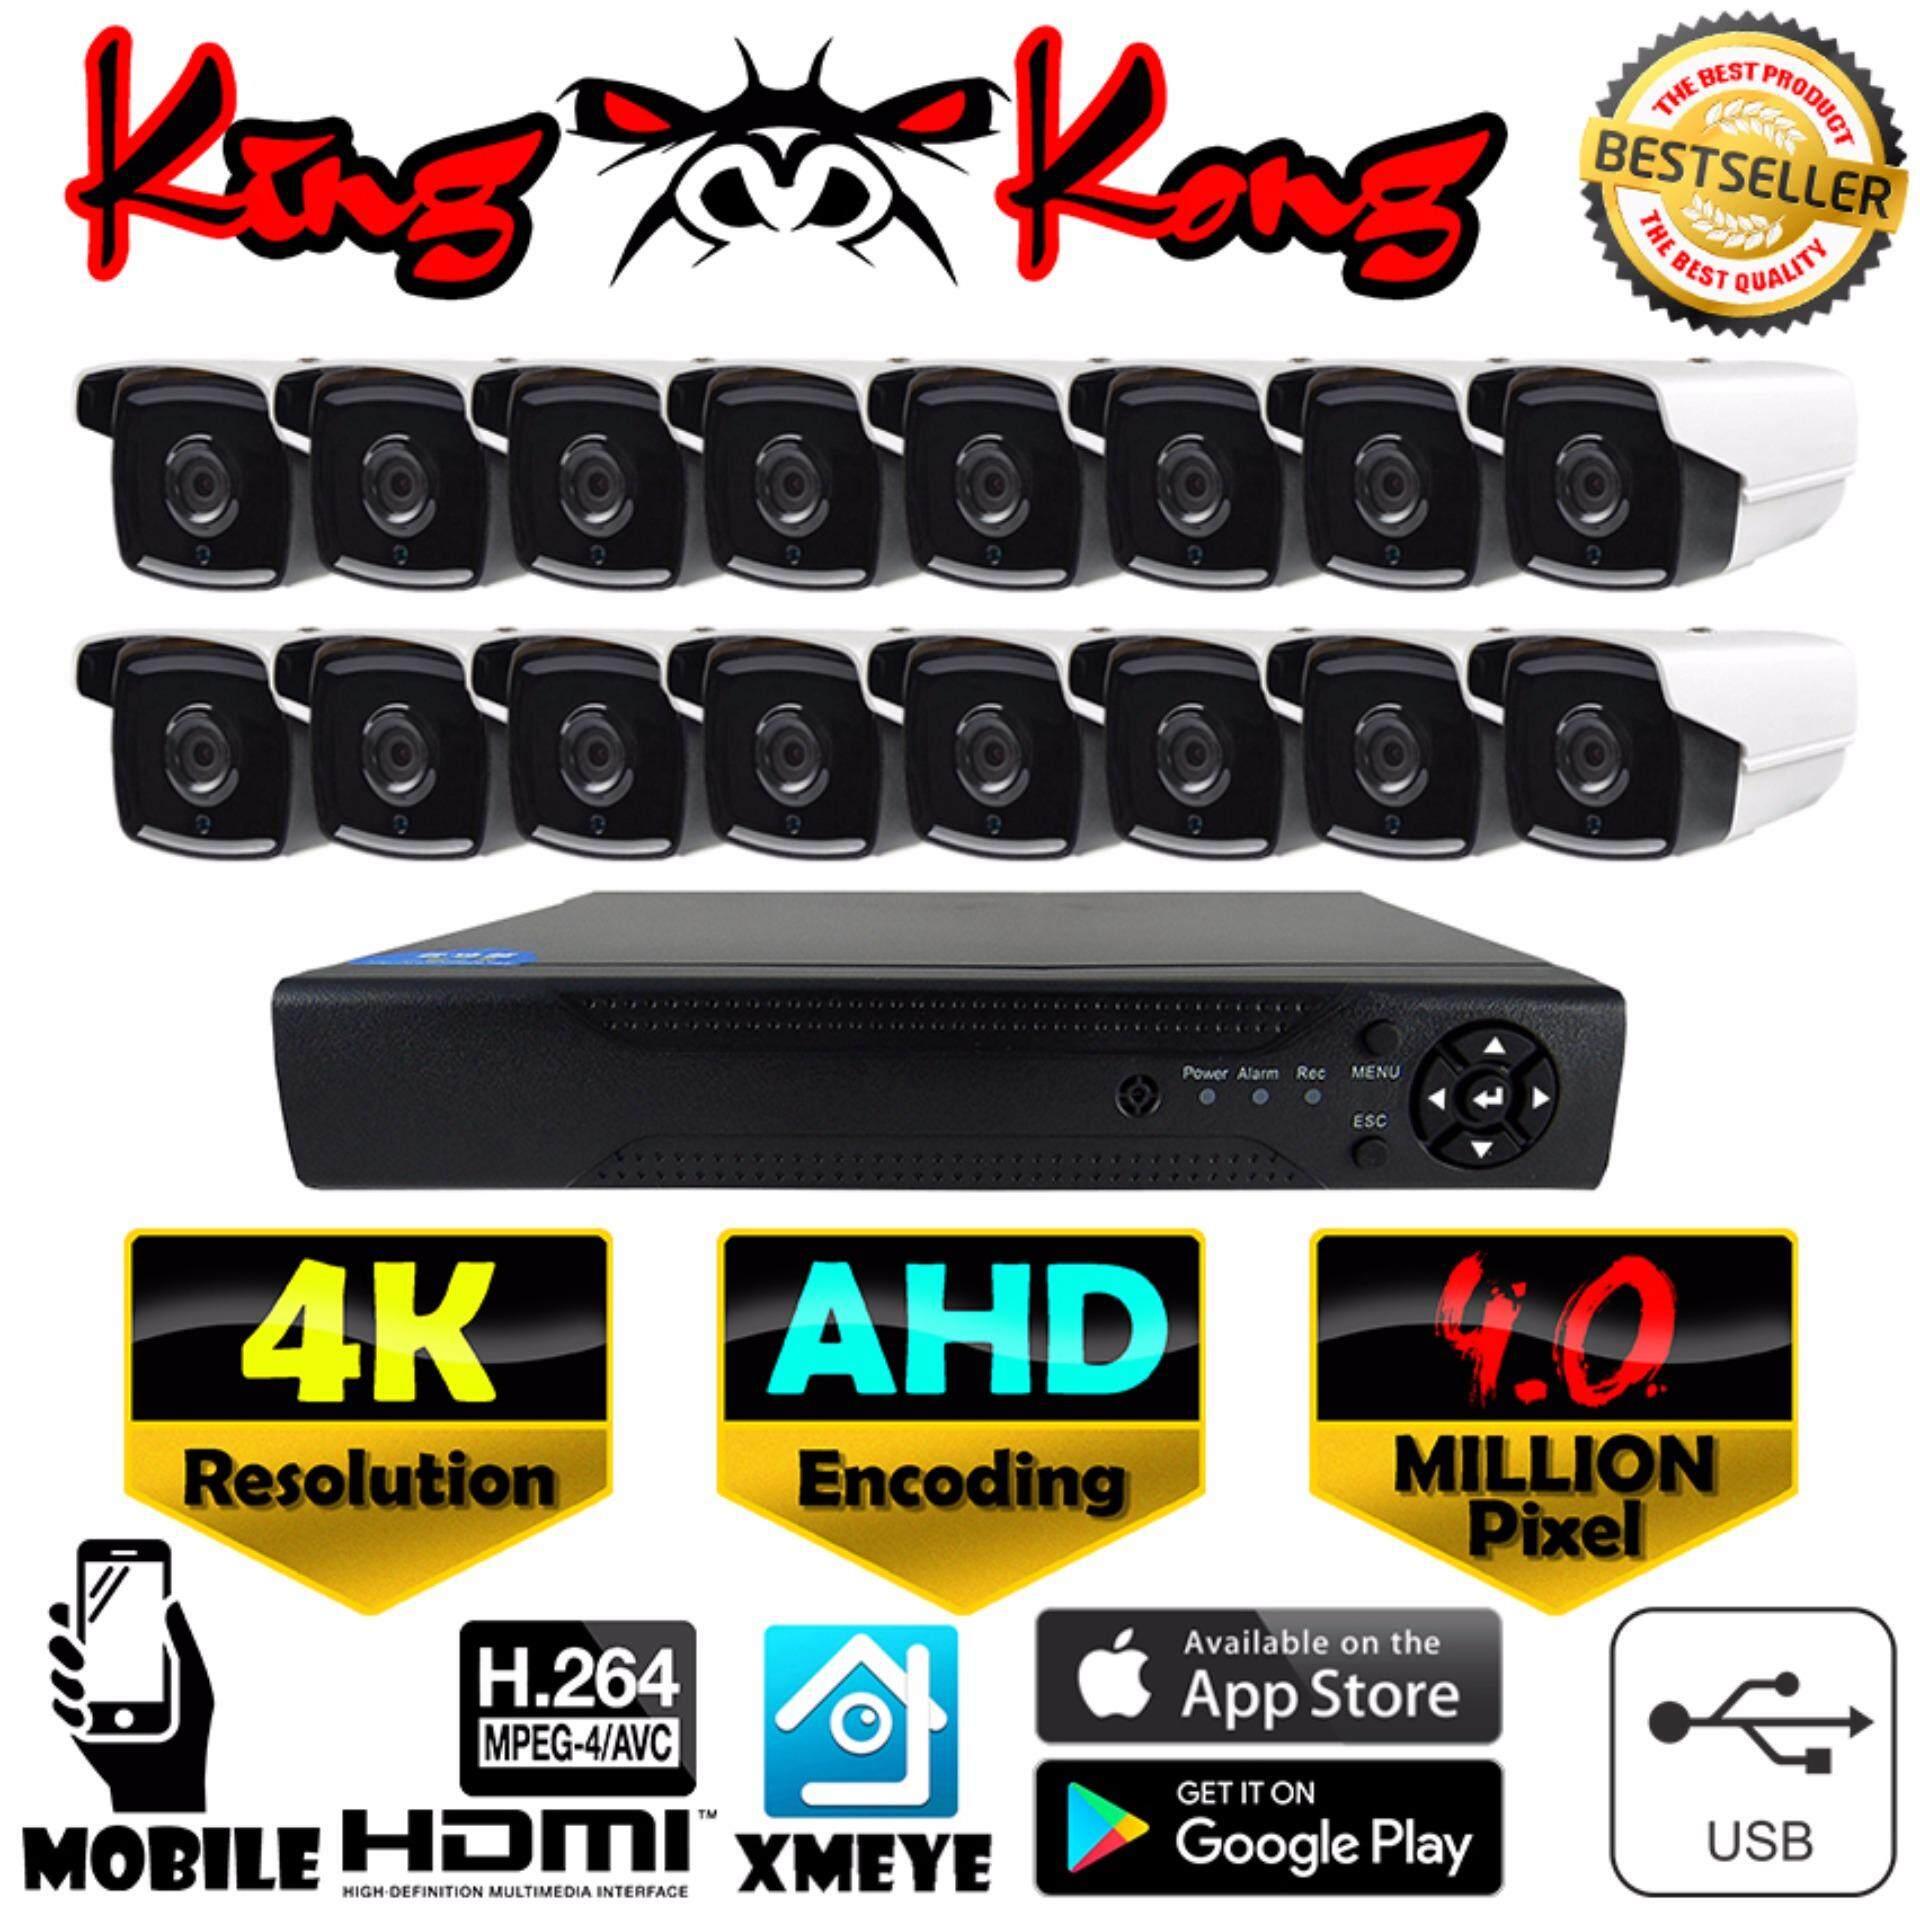 ขายดีอันดับ 1 ชุดกล้องวงจรปิด (OEM) EXIR 16CH CCTV กล้อง 16ตัว ทรงกระบอก 4.0 MP 4K / UHD / Ultra HD Exir Infrared เลนส์ 4mm / IR-Cut / Night Vision / Day&Night / Water Proof พร้อมเครื่องบันทึก 16ช่อง 4K / UHD / Ultra HD ฟรีอะแดปเตอร์ ฟรีขายึดกล้อง กล้องวงจรปิดที่คมชัดที่สุด